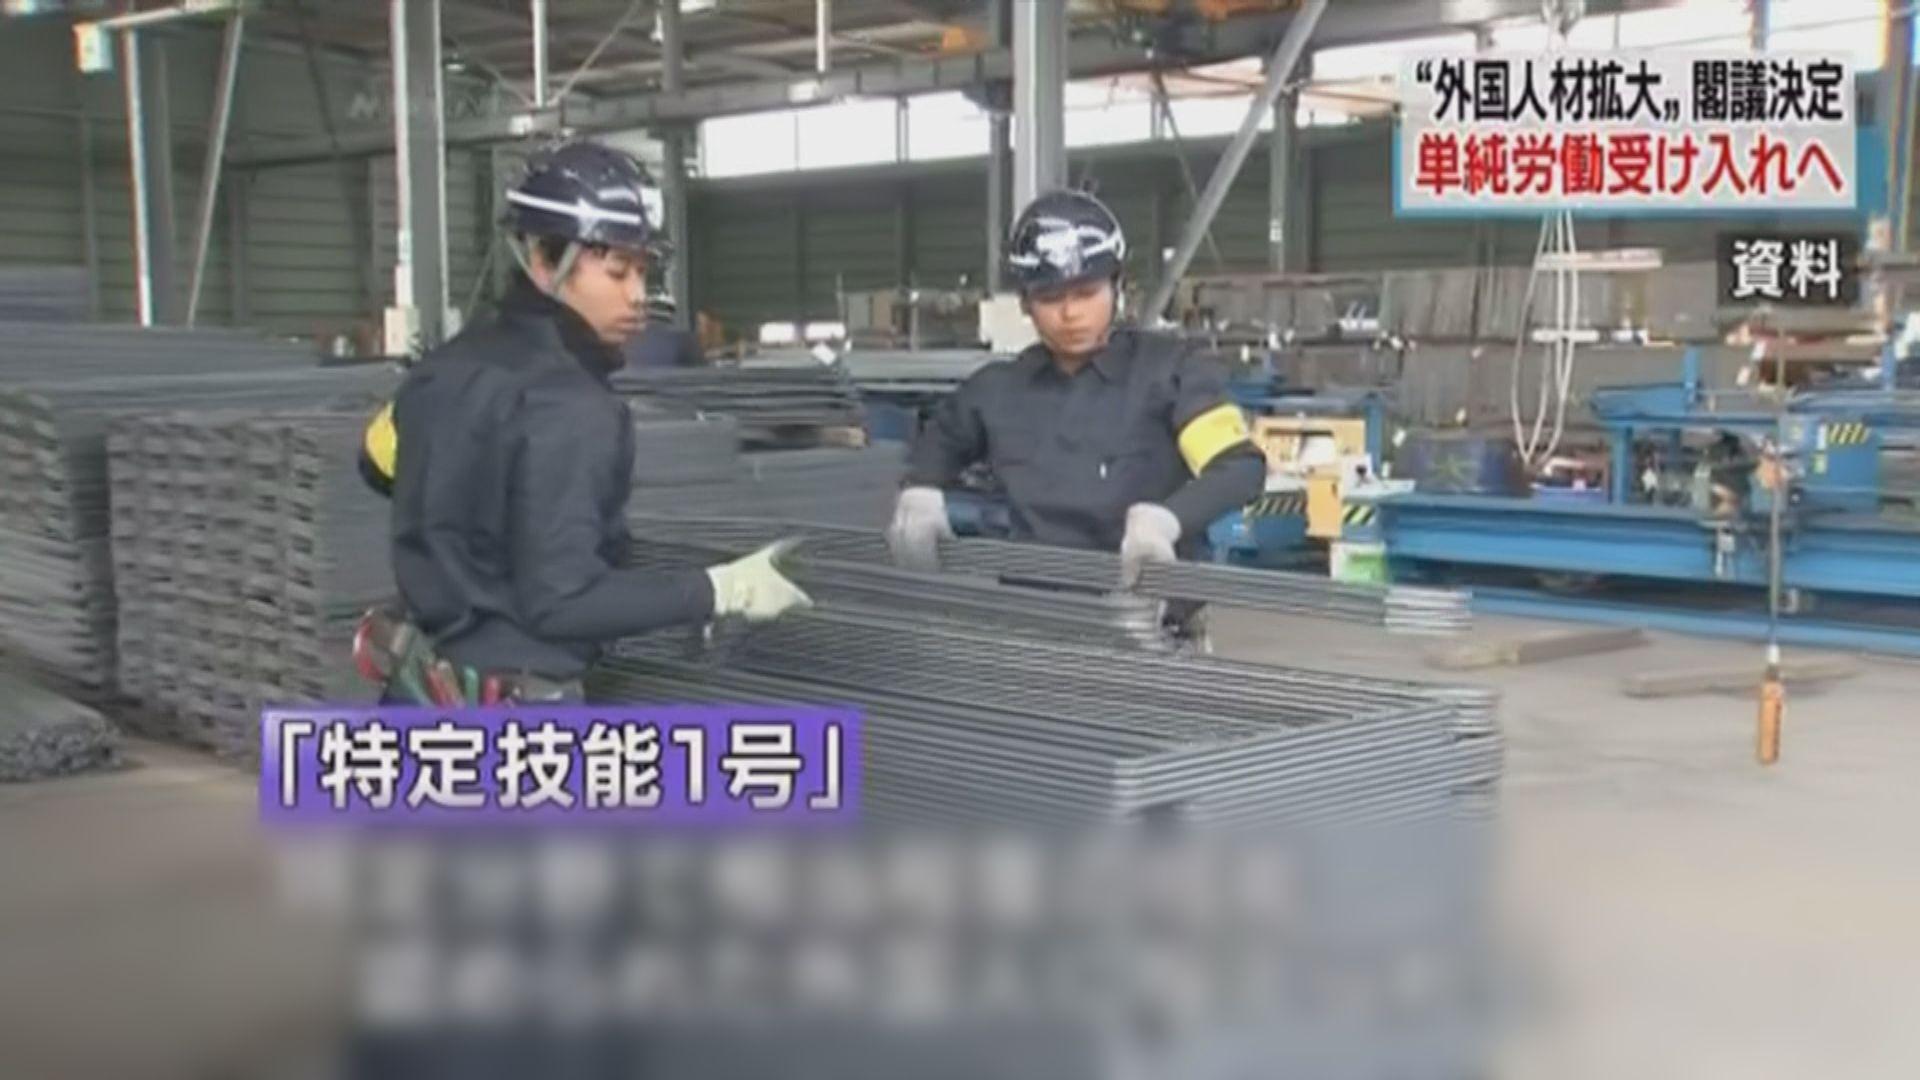 日本內閣通過擴大接納外國勞工